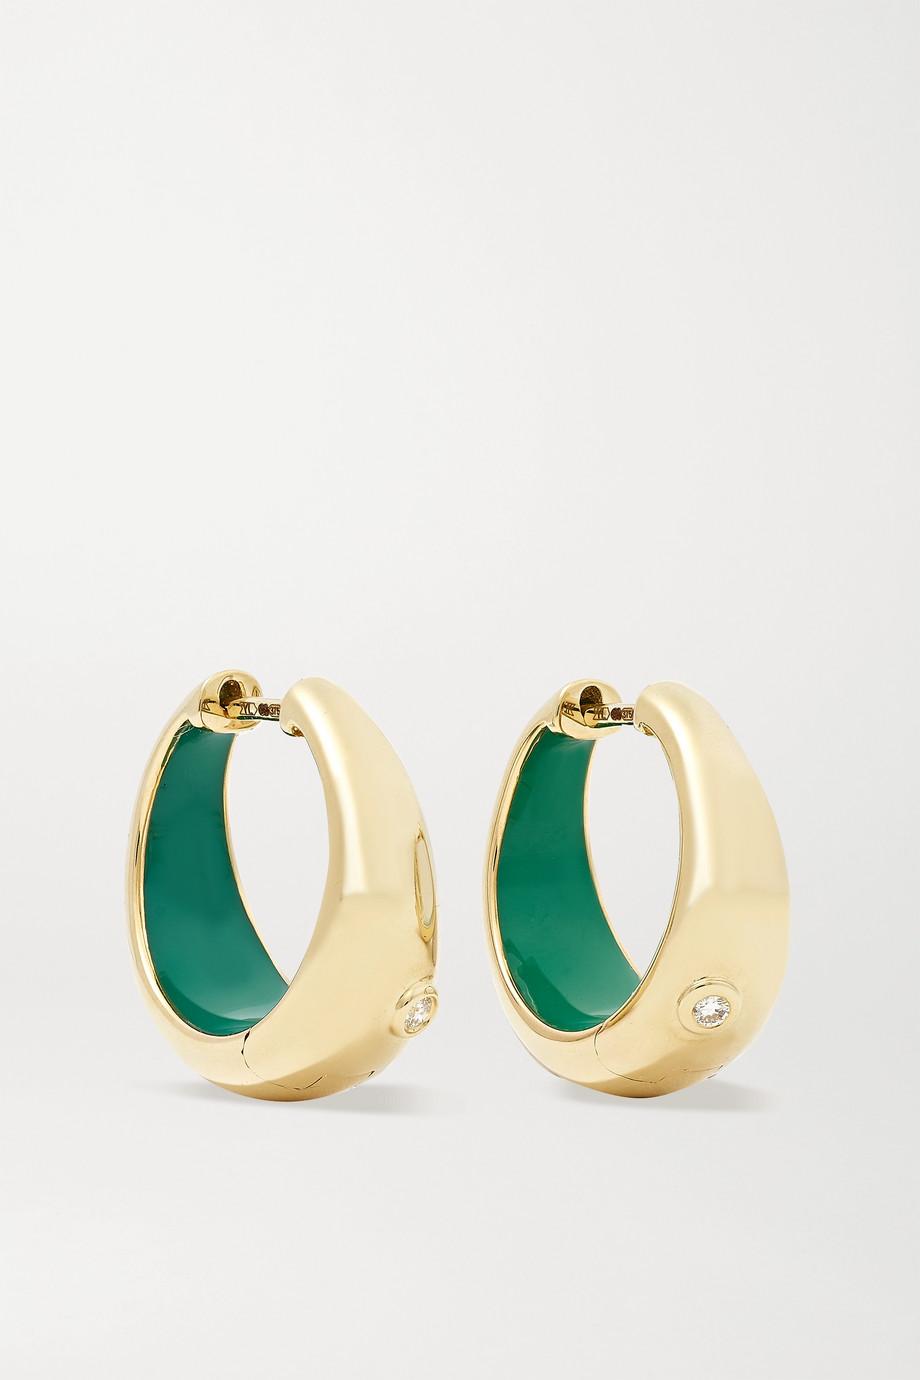 Yvonne Léon 9-karat gold, enamel and diamond hoop earrings